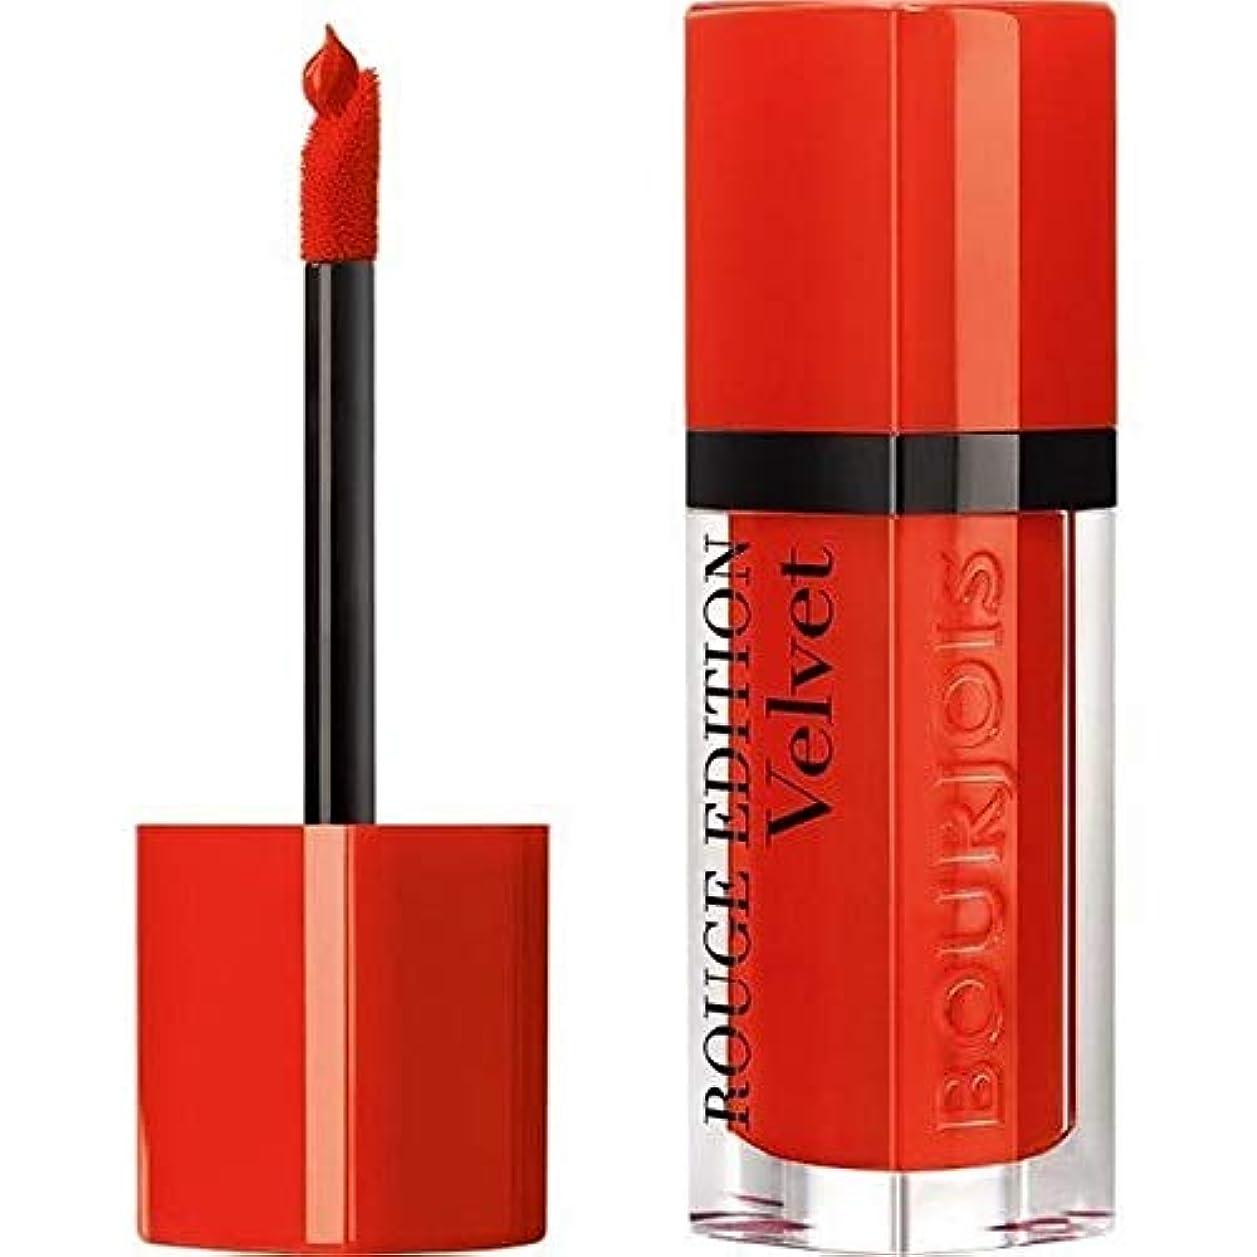 ふざけたヒューマニスティック大西洋[Bourjois ] ブルジョワルージュ版のベルベットの口紅ケシの日20 - Bourjois Rouge Edition Velvet Lipstick Poppy Days 20 [並行輸入品]